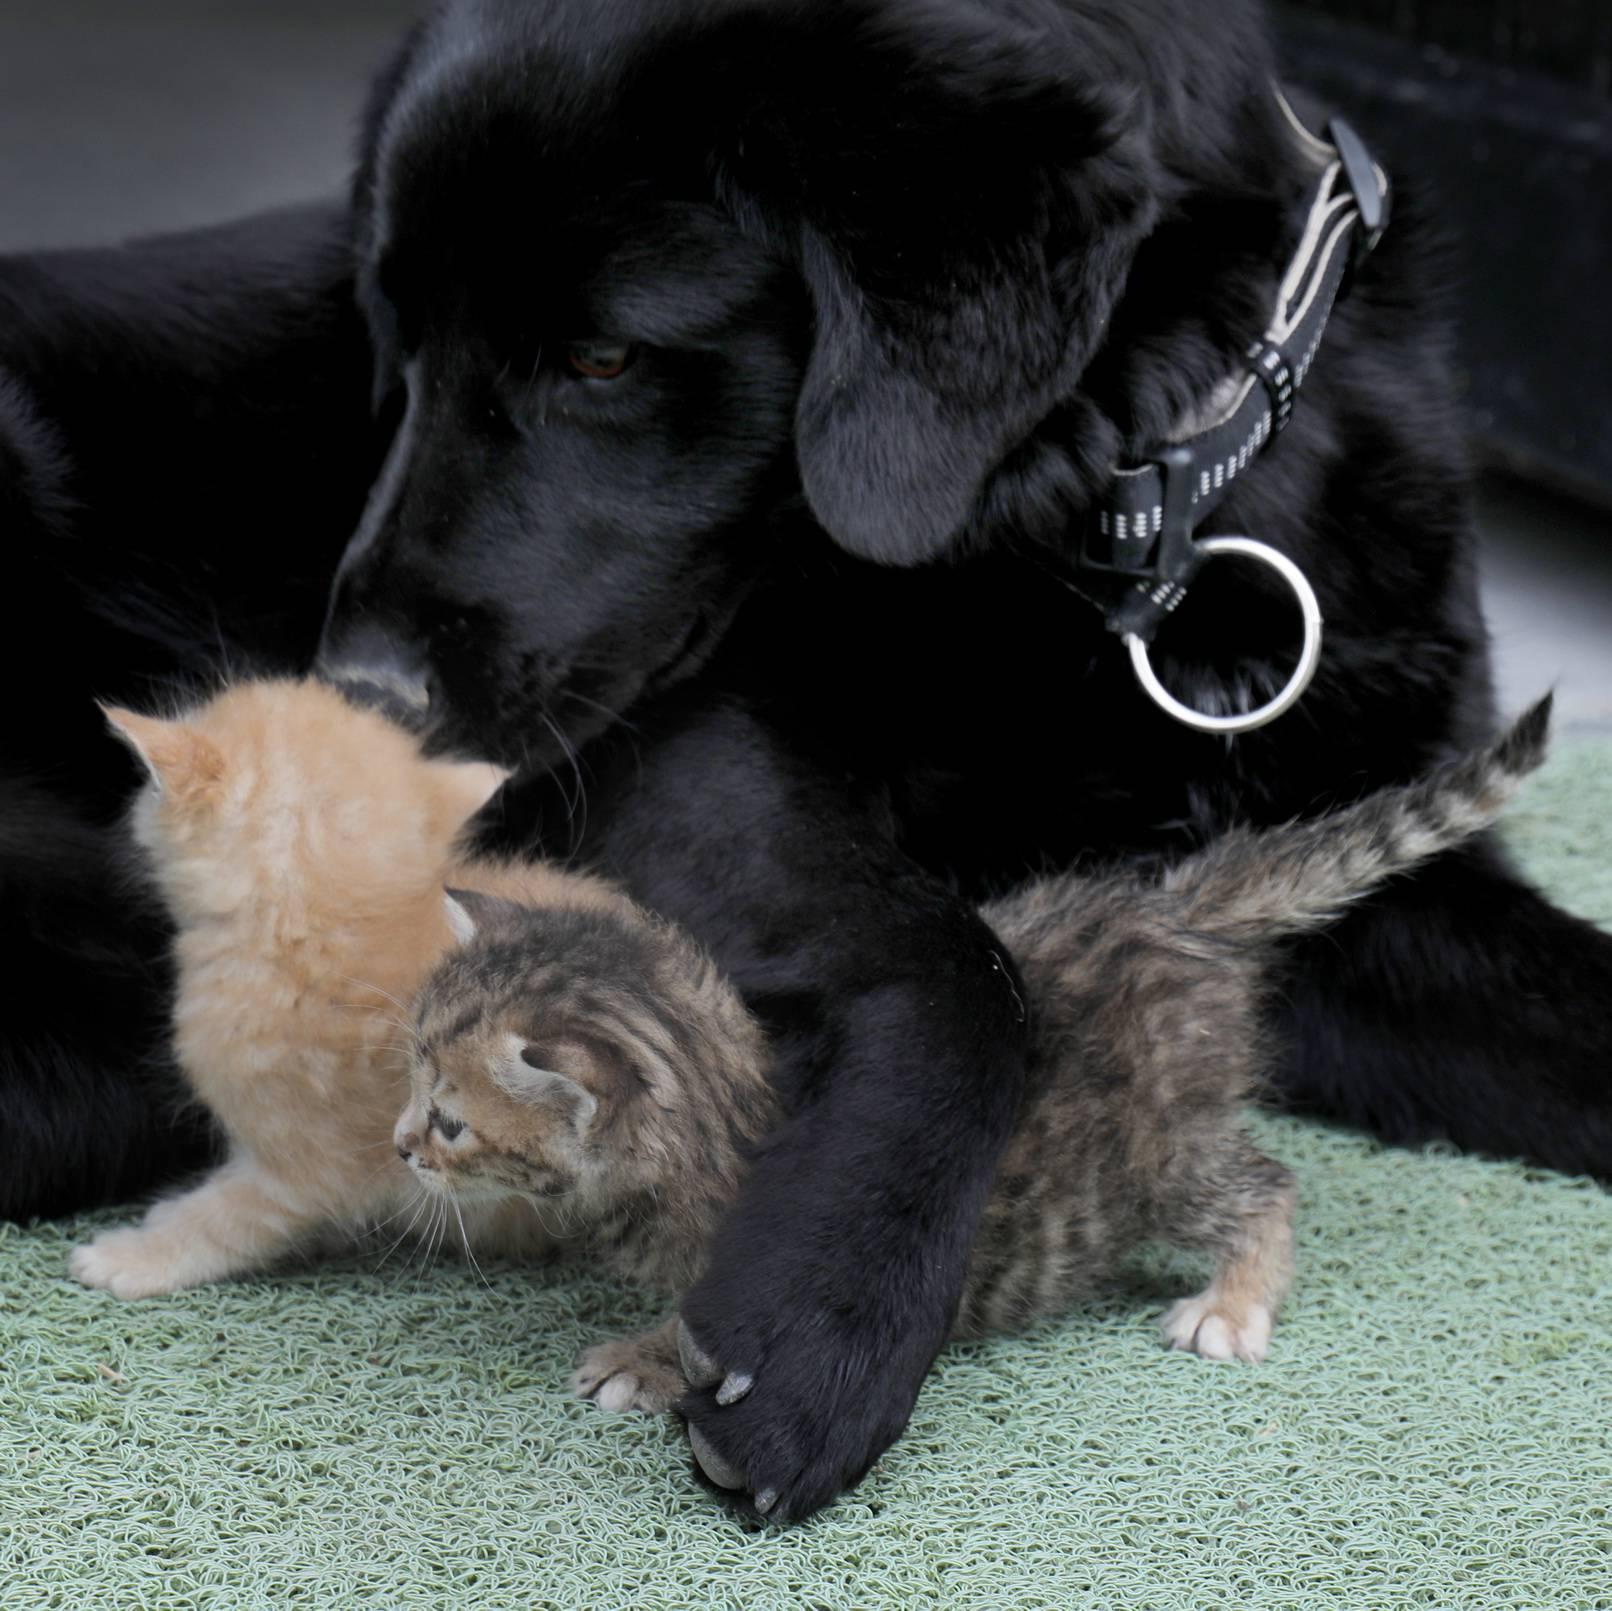 Mačići su ostali bez majke, dadilja im je postao pas Bleki